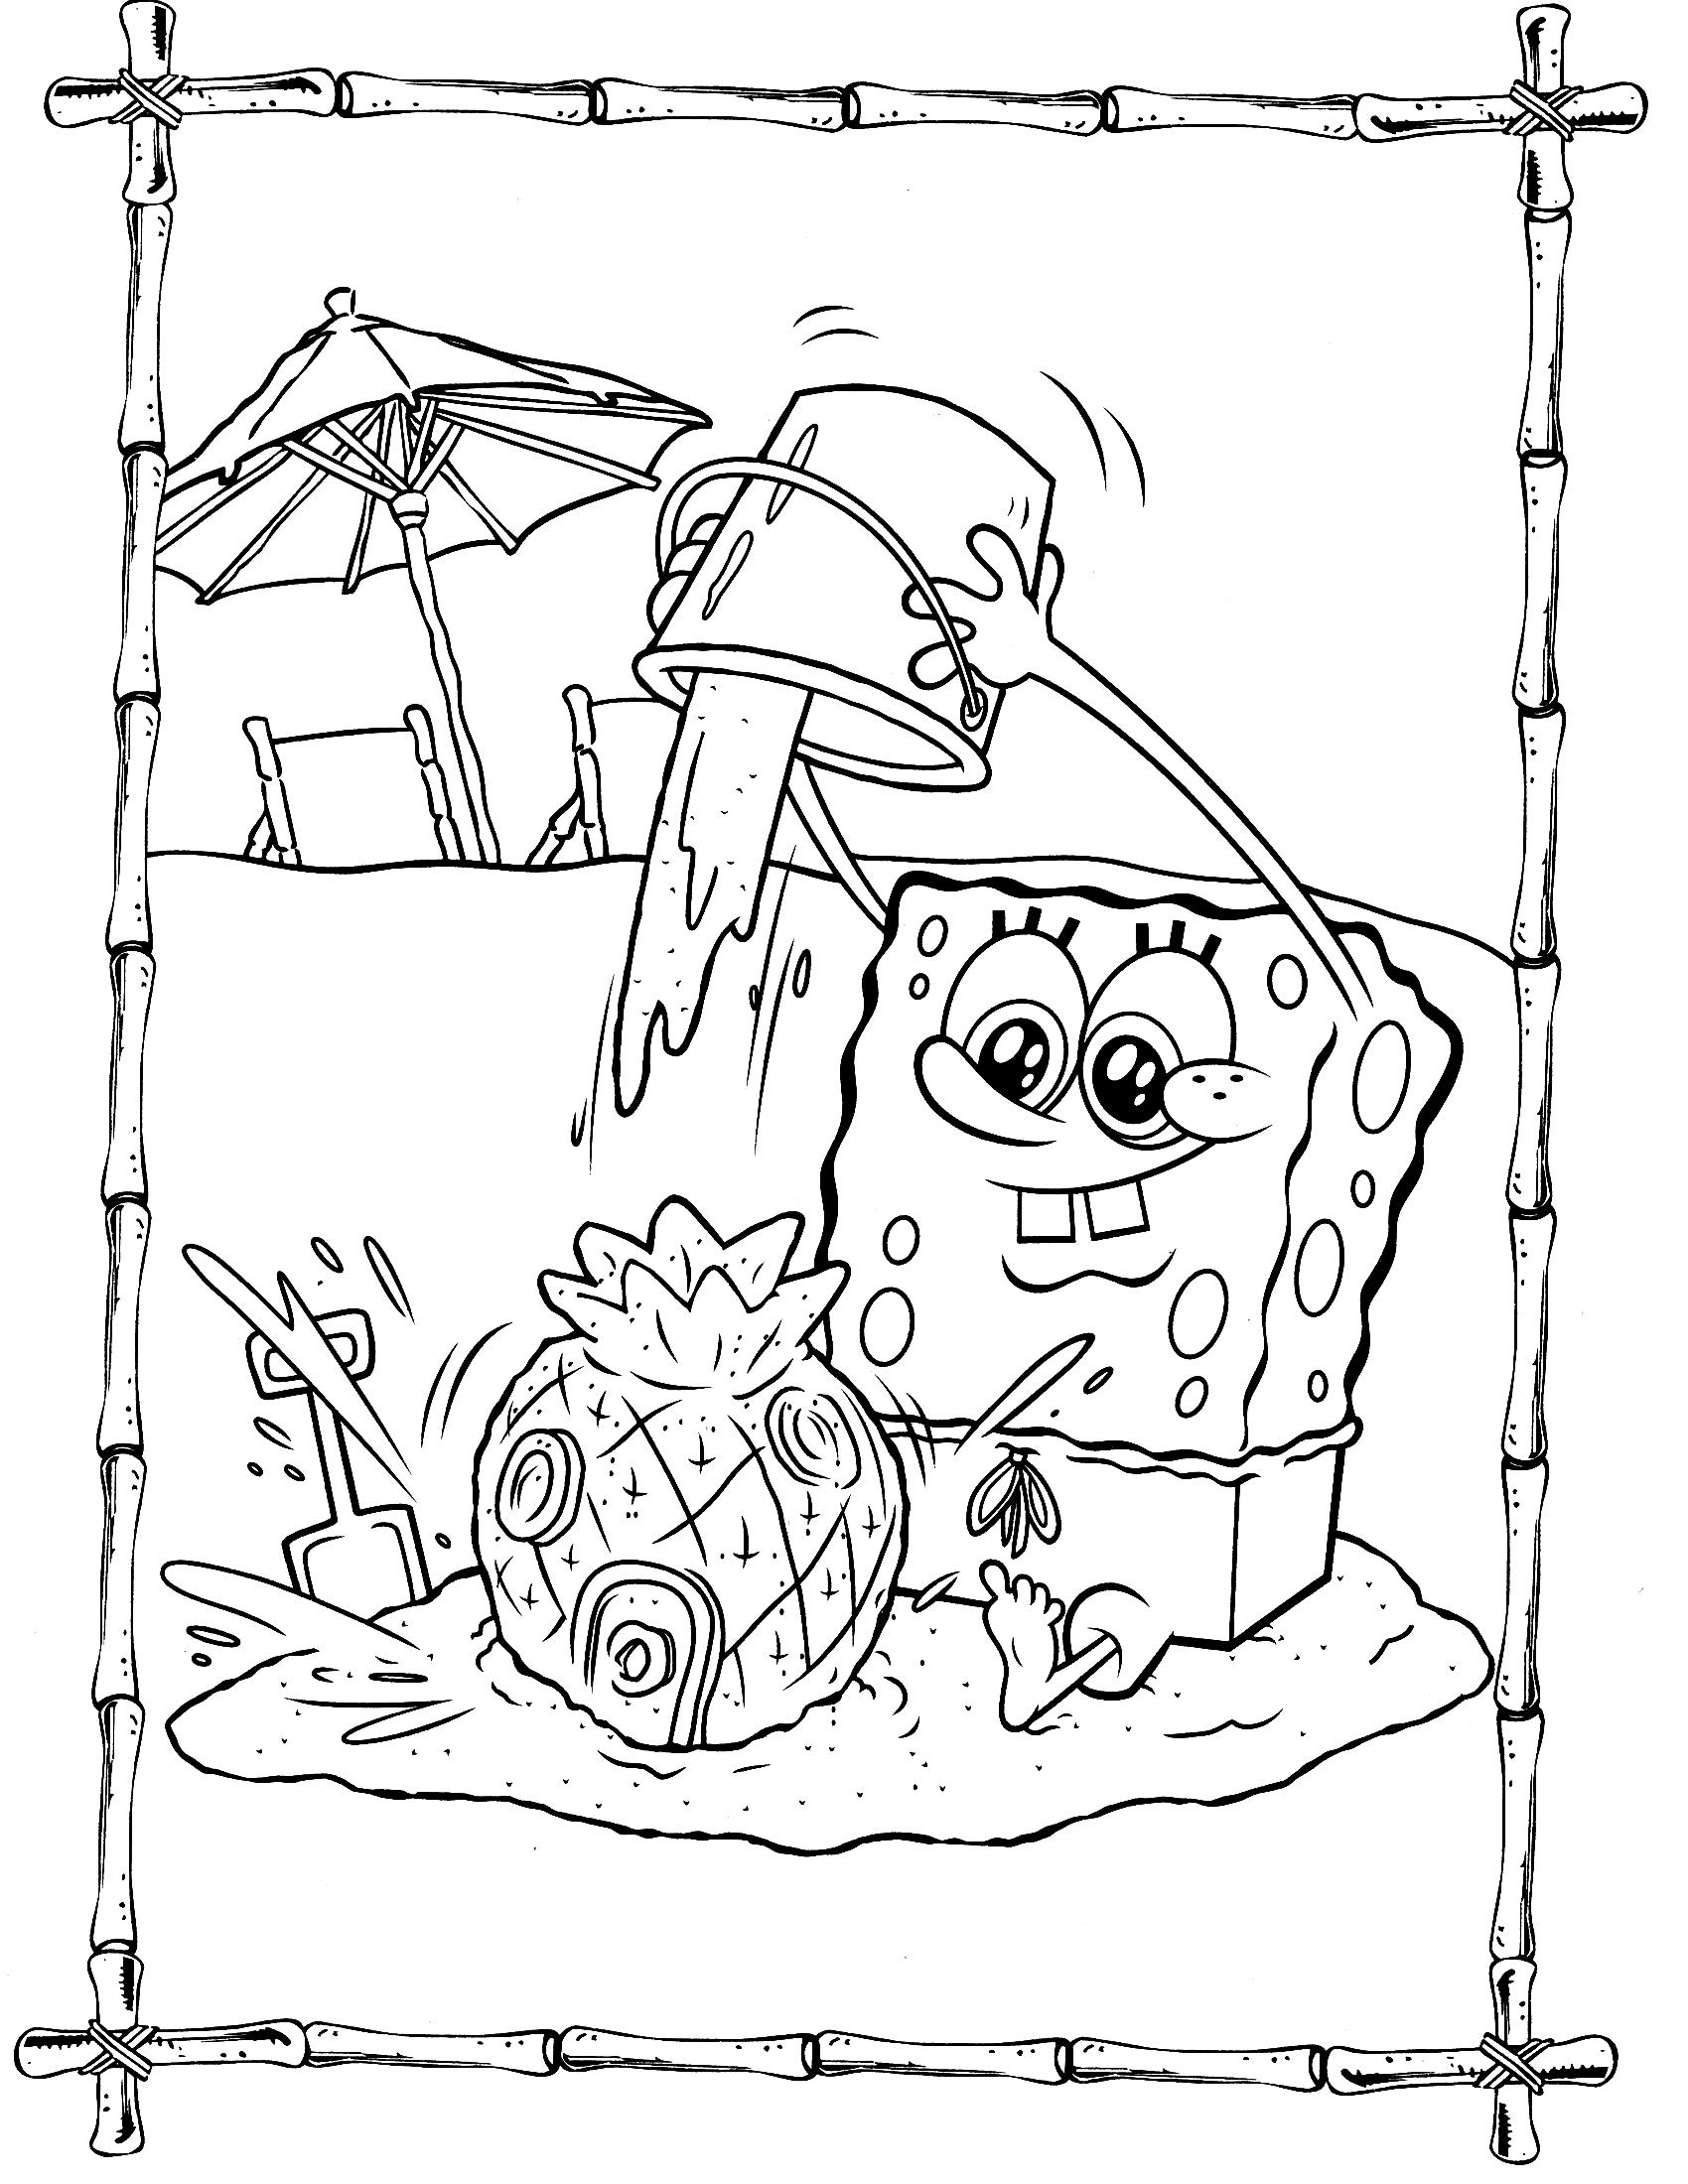 Раскраска для девочек Губка Боб - Раскраски Губка Боб ...